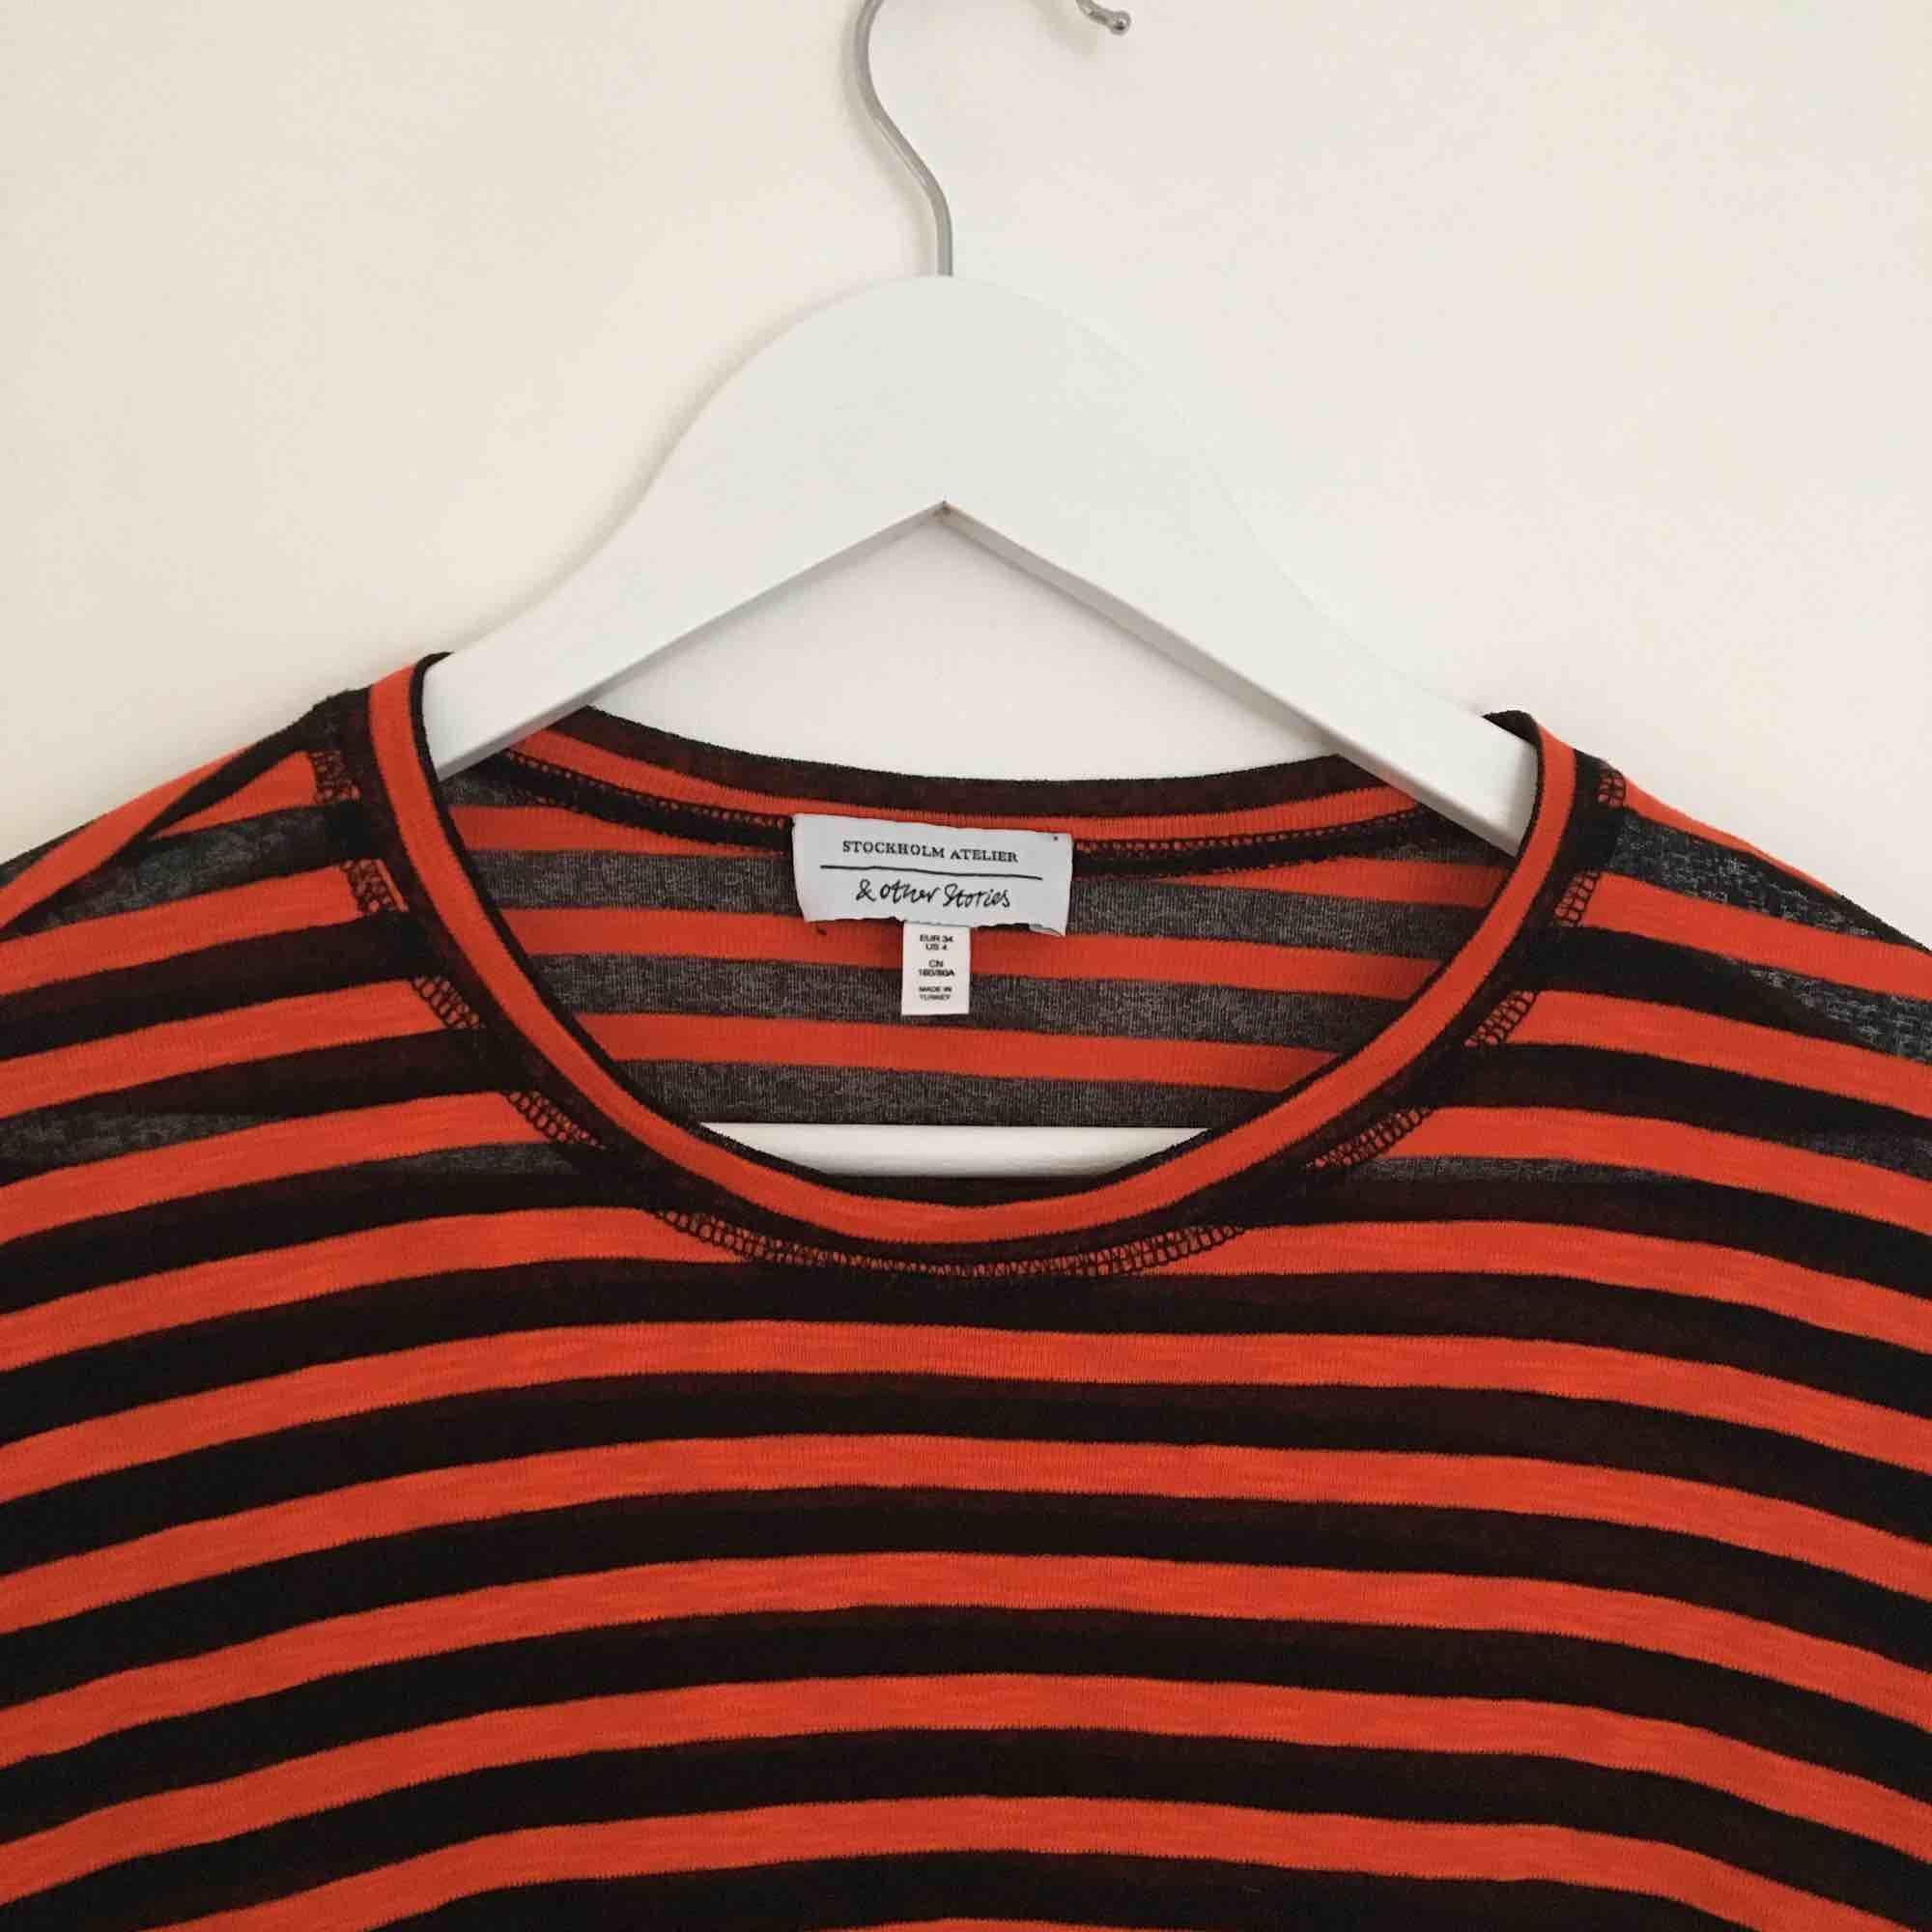 Superfin röd/svart randig tröja från & Other Stories! Ganska stor i storleken, passar också mig som är 38! ❤️🖤❤️🖤 kan mötas upp i stockholm annars tillkommer frakt på cirka 40 kr! . T-shirts.